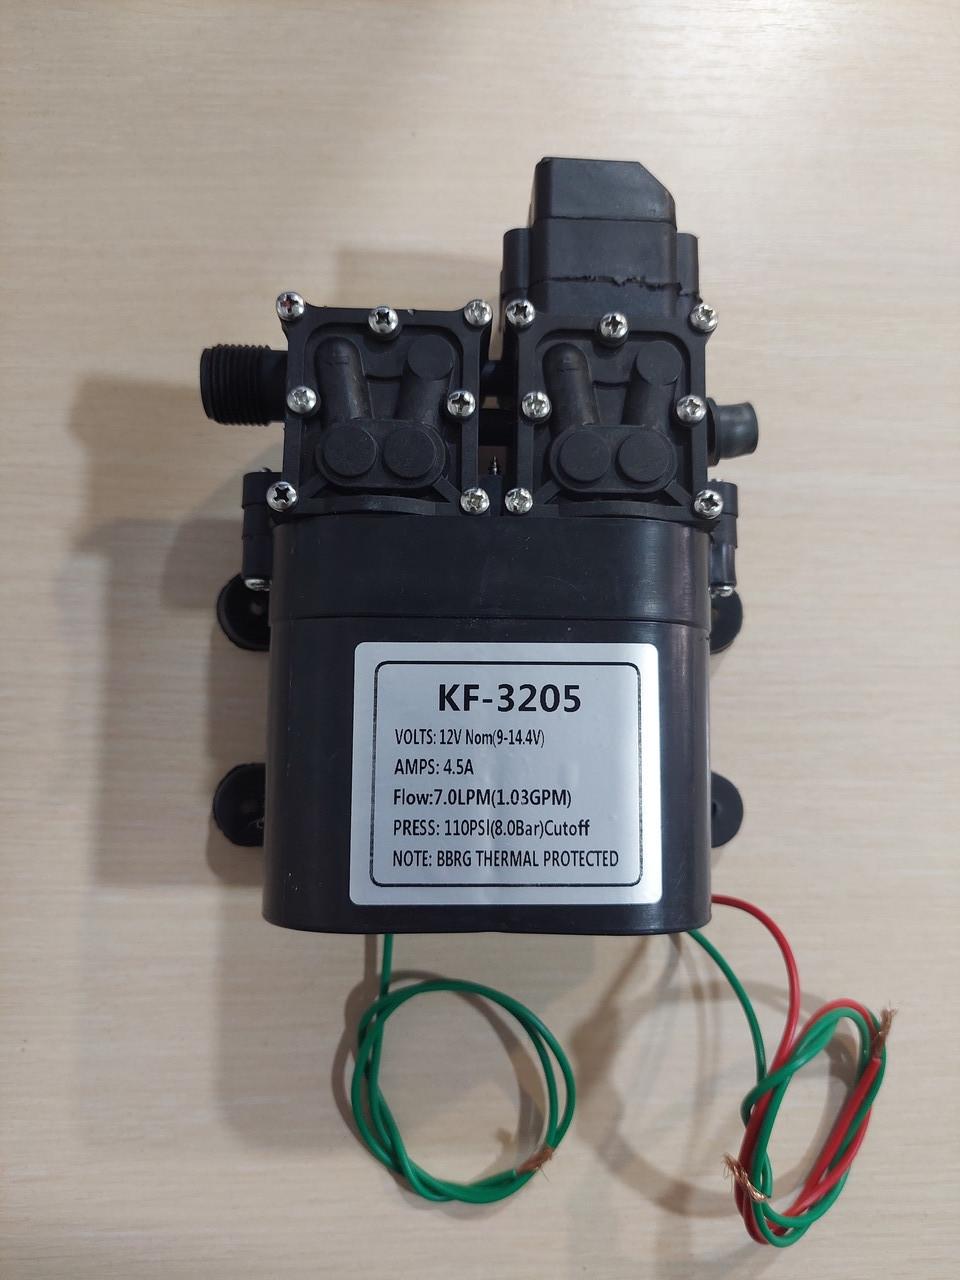 Насос посилений (подвійний) для акумуляторних обприскувачів (12В). KF-3205. Тиск до 8 bar.